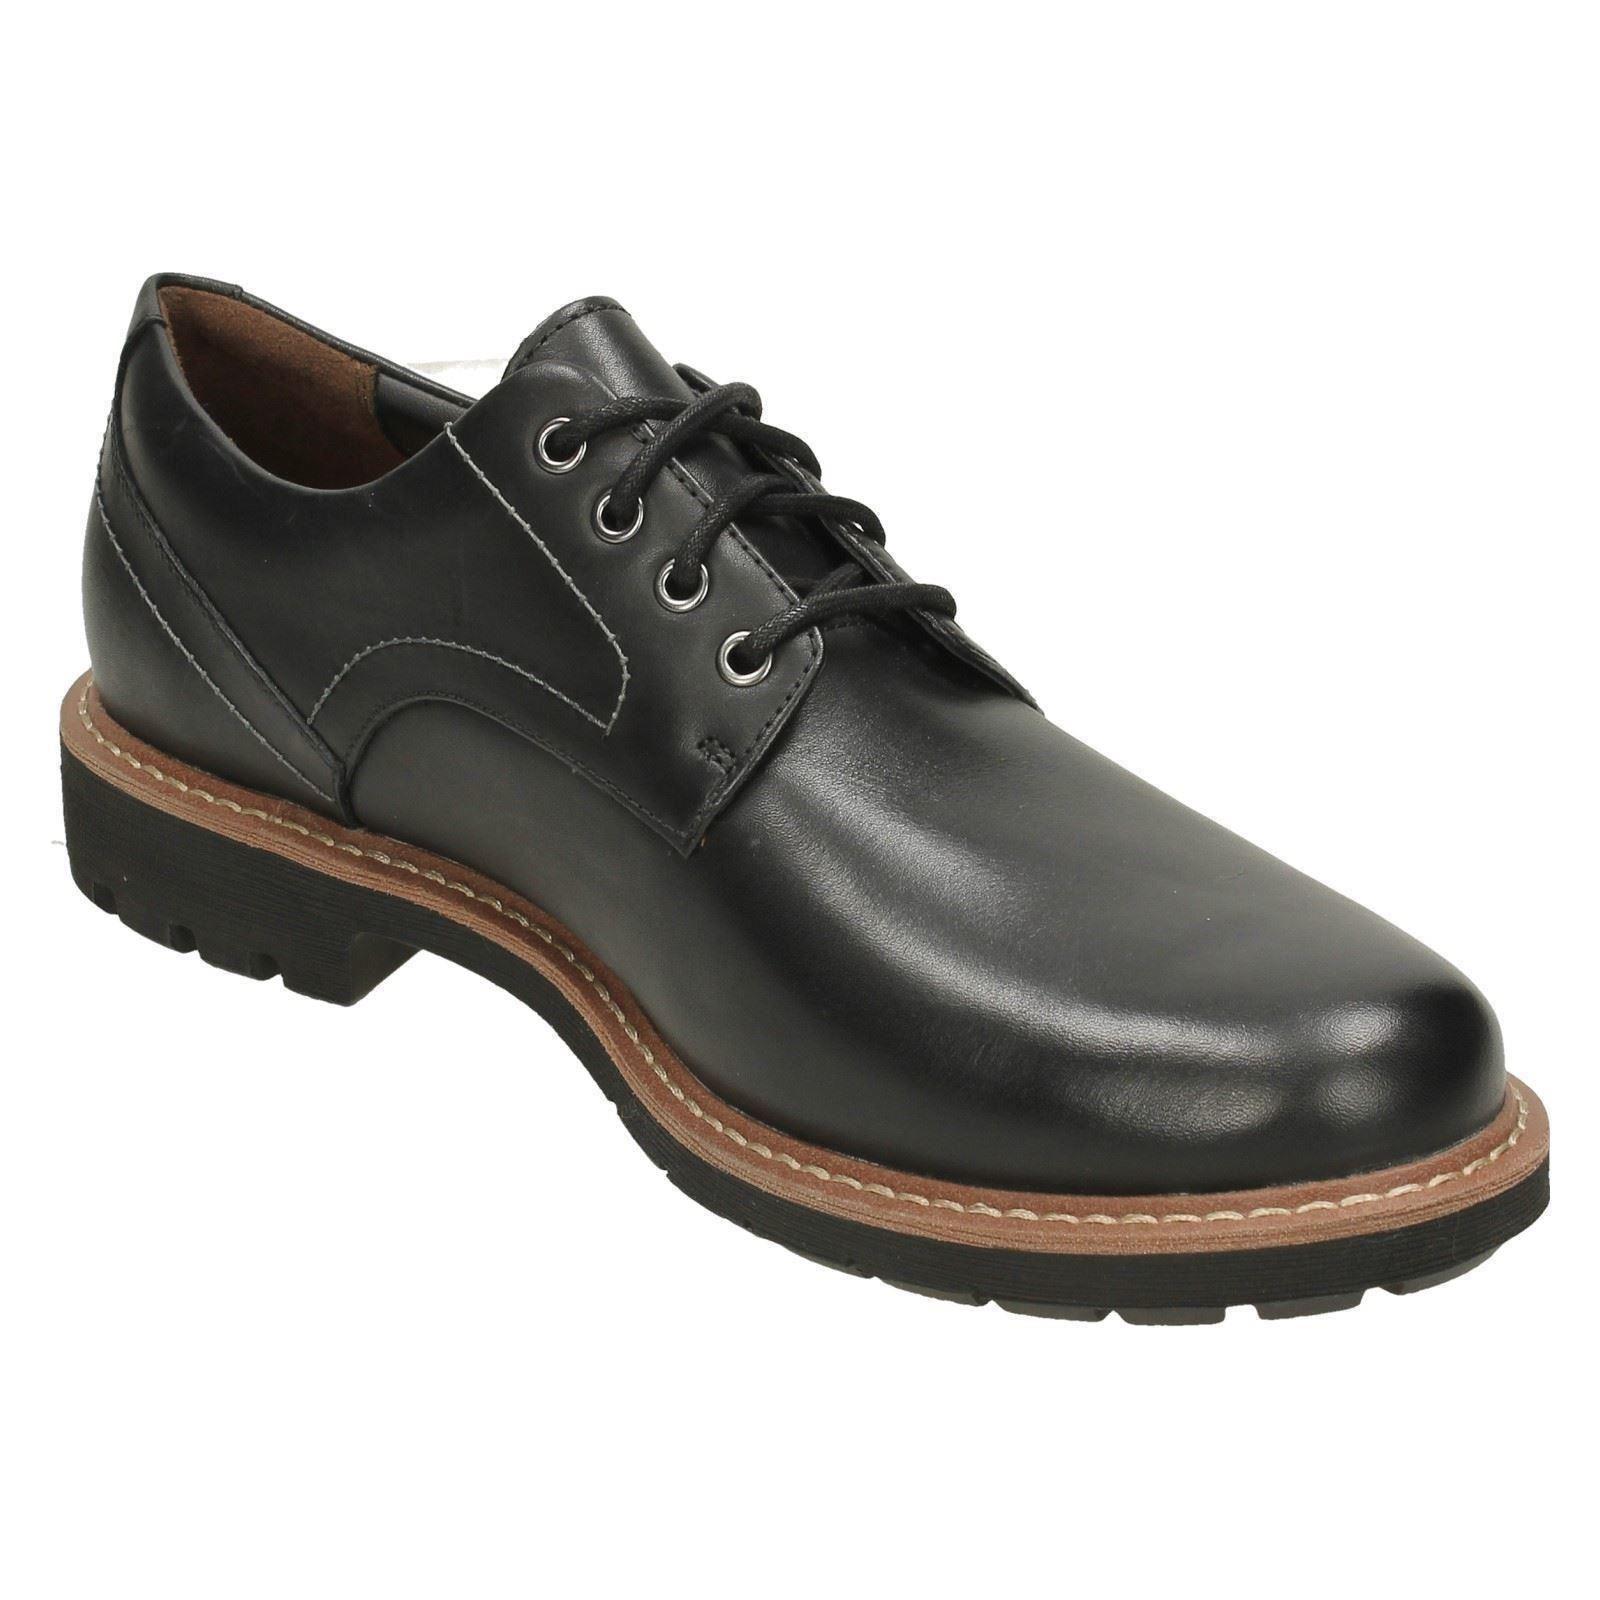 Leder Herren Clarks Smart Lace Up Leder  Schuhes Batcombe Hall 7db2c0